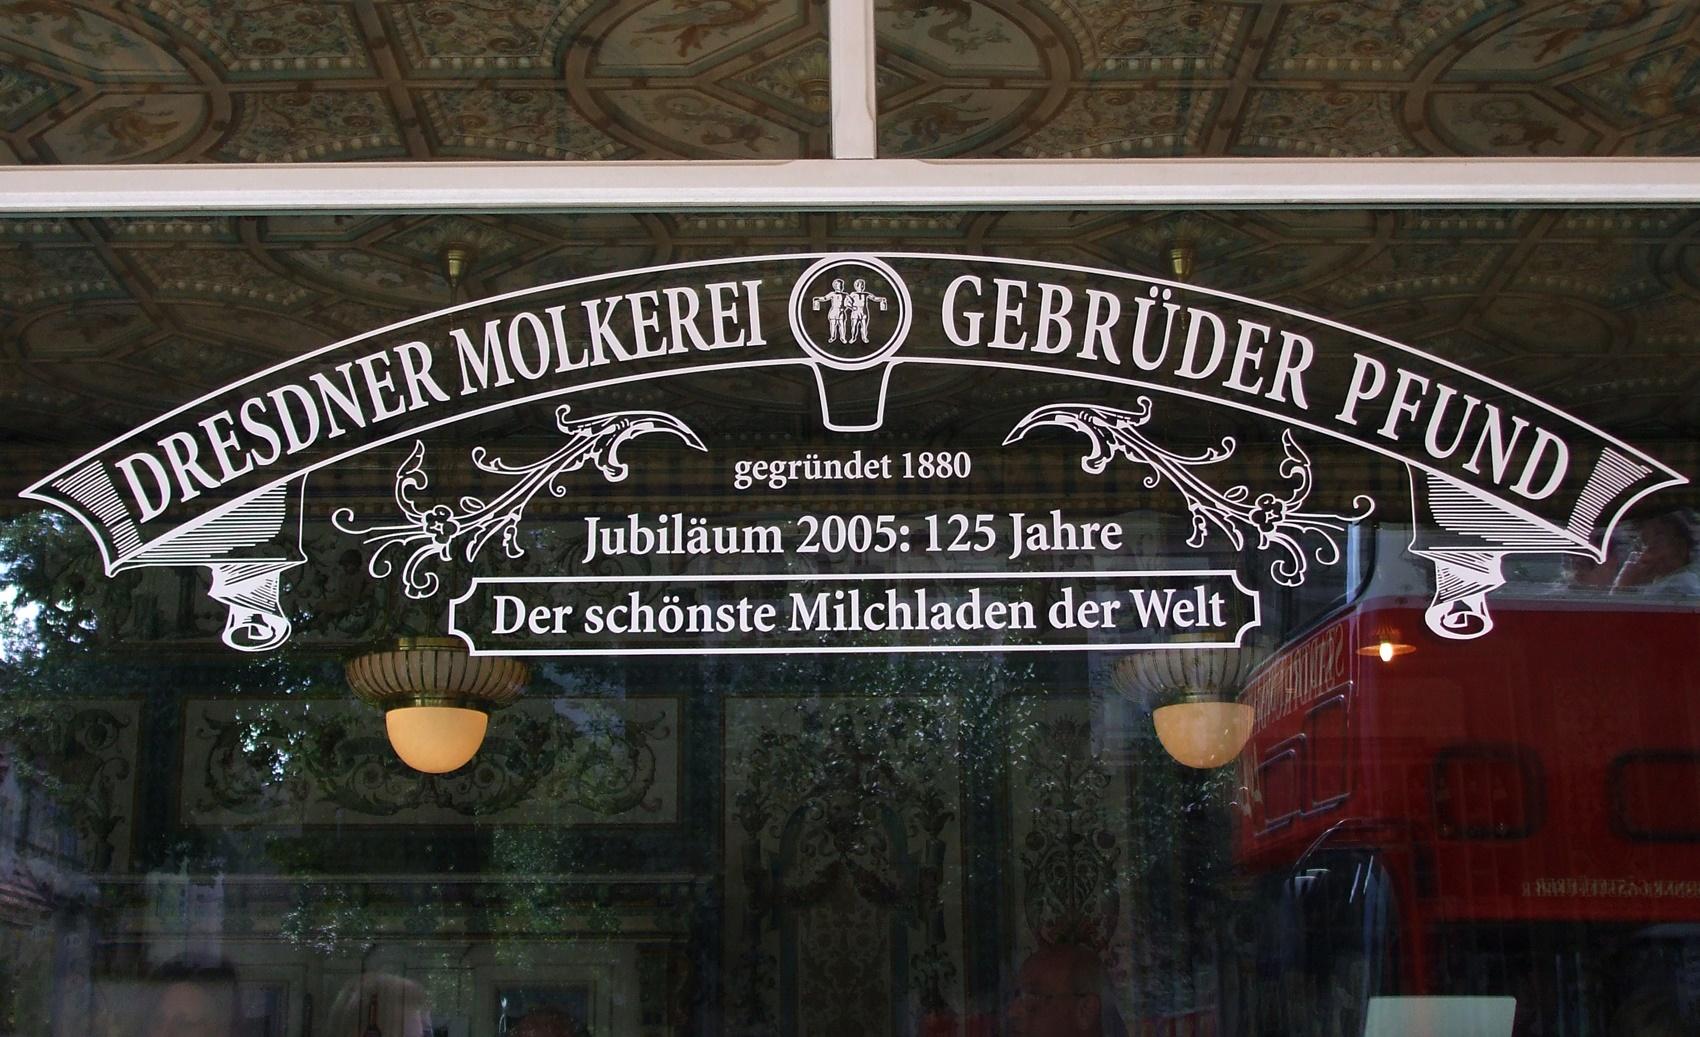 Pfunds Molkerei Dresden